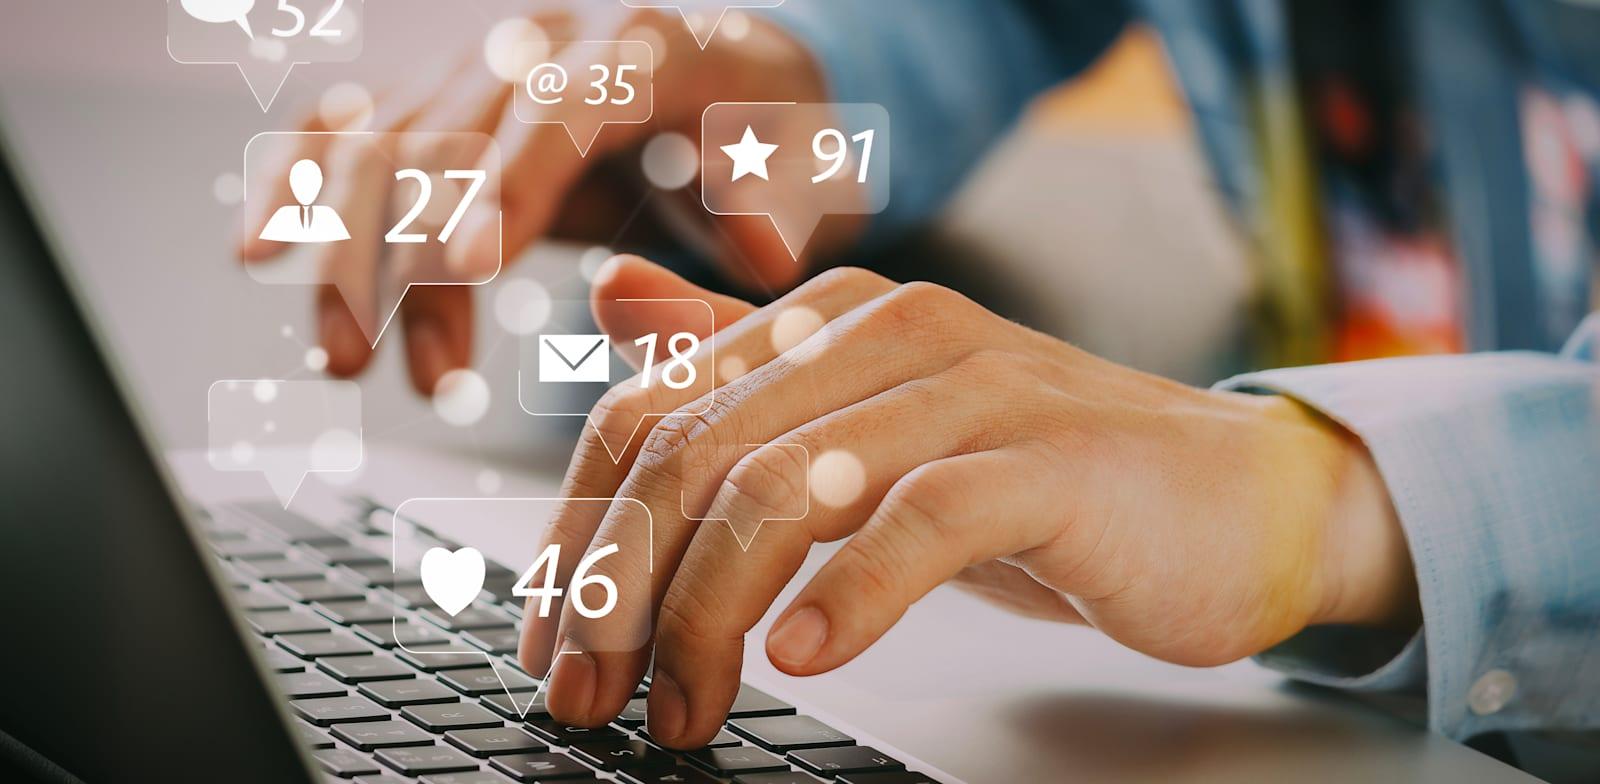 רשתות חברתיות. הקלדה קטנה עלולה להפוך להסתה גדולה / צילום: Shutterstock, everything possible